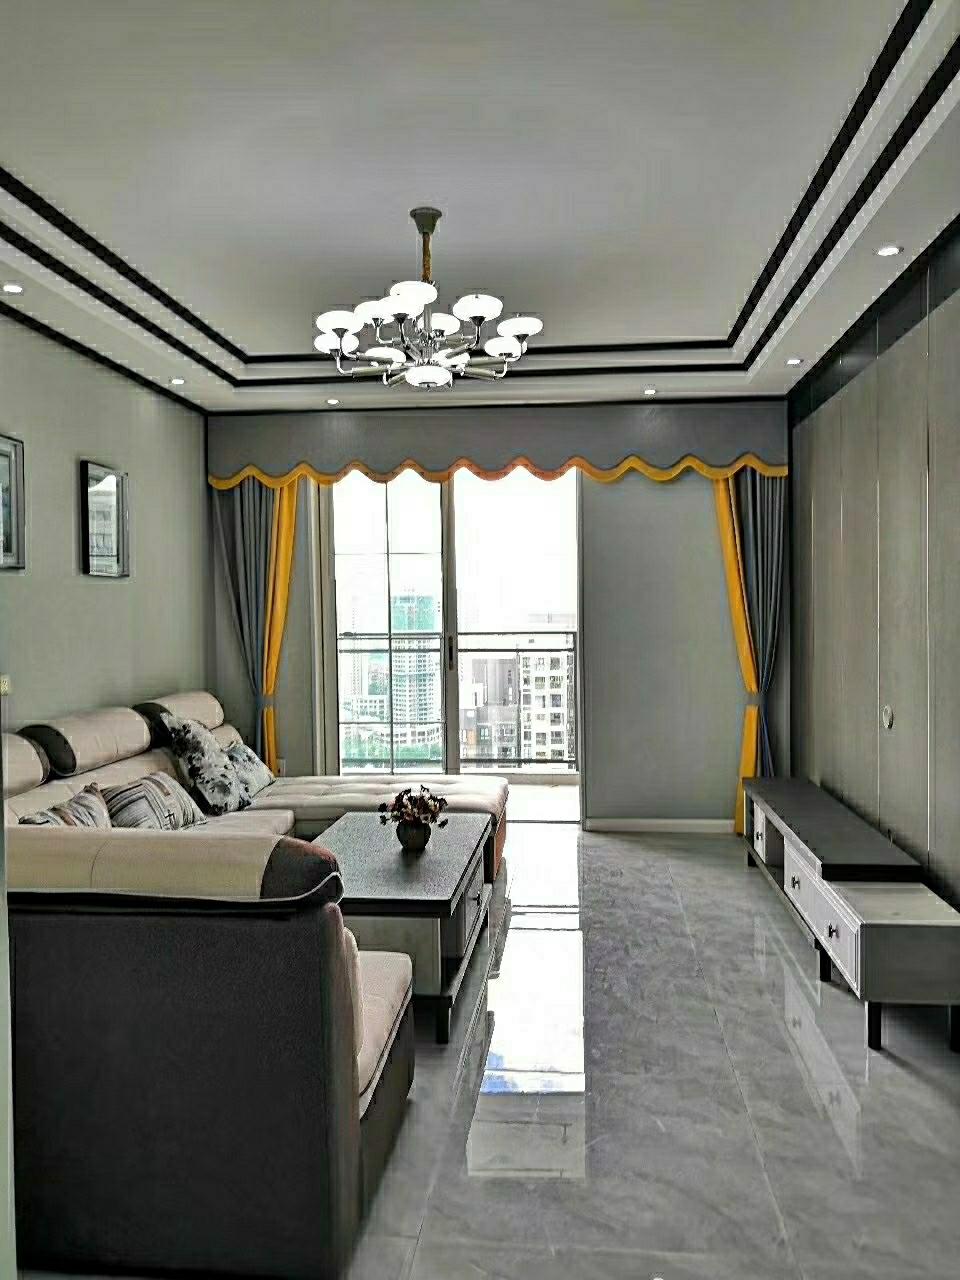 海棠香国 精装急售 3室双卫 56万元